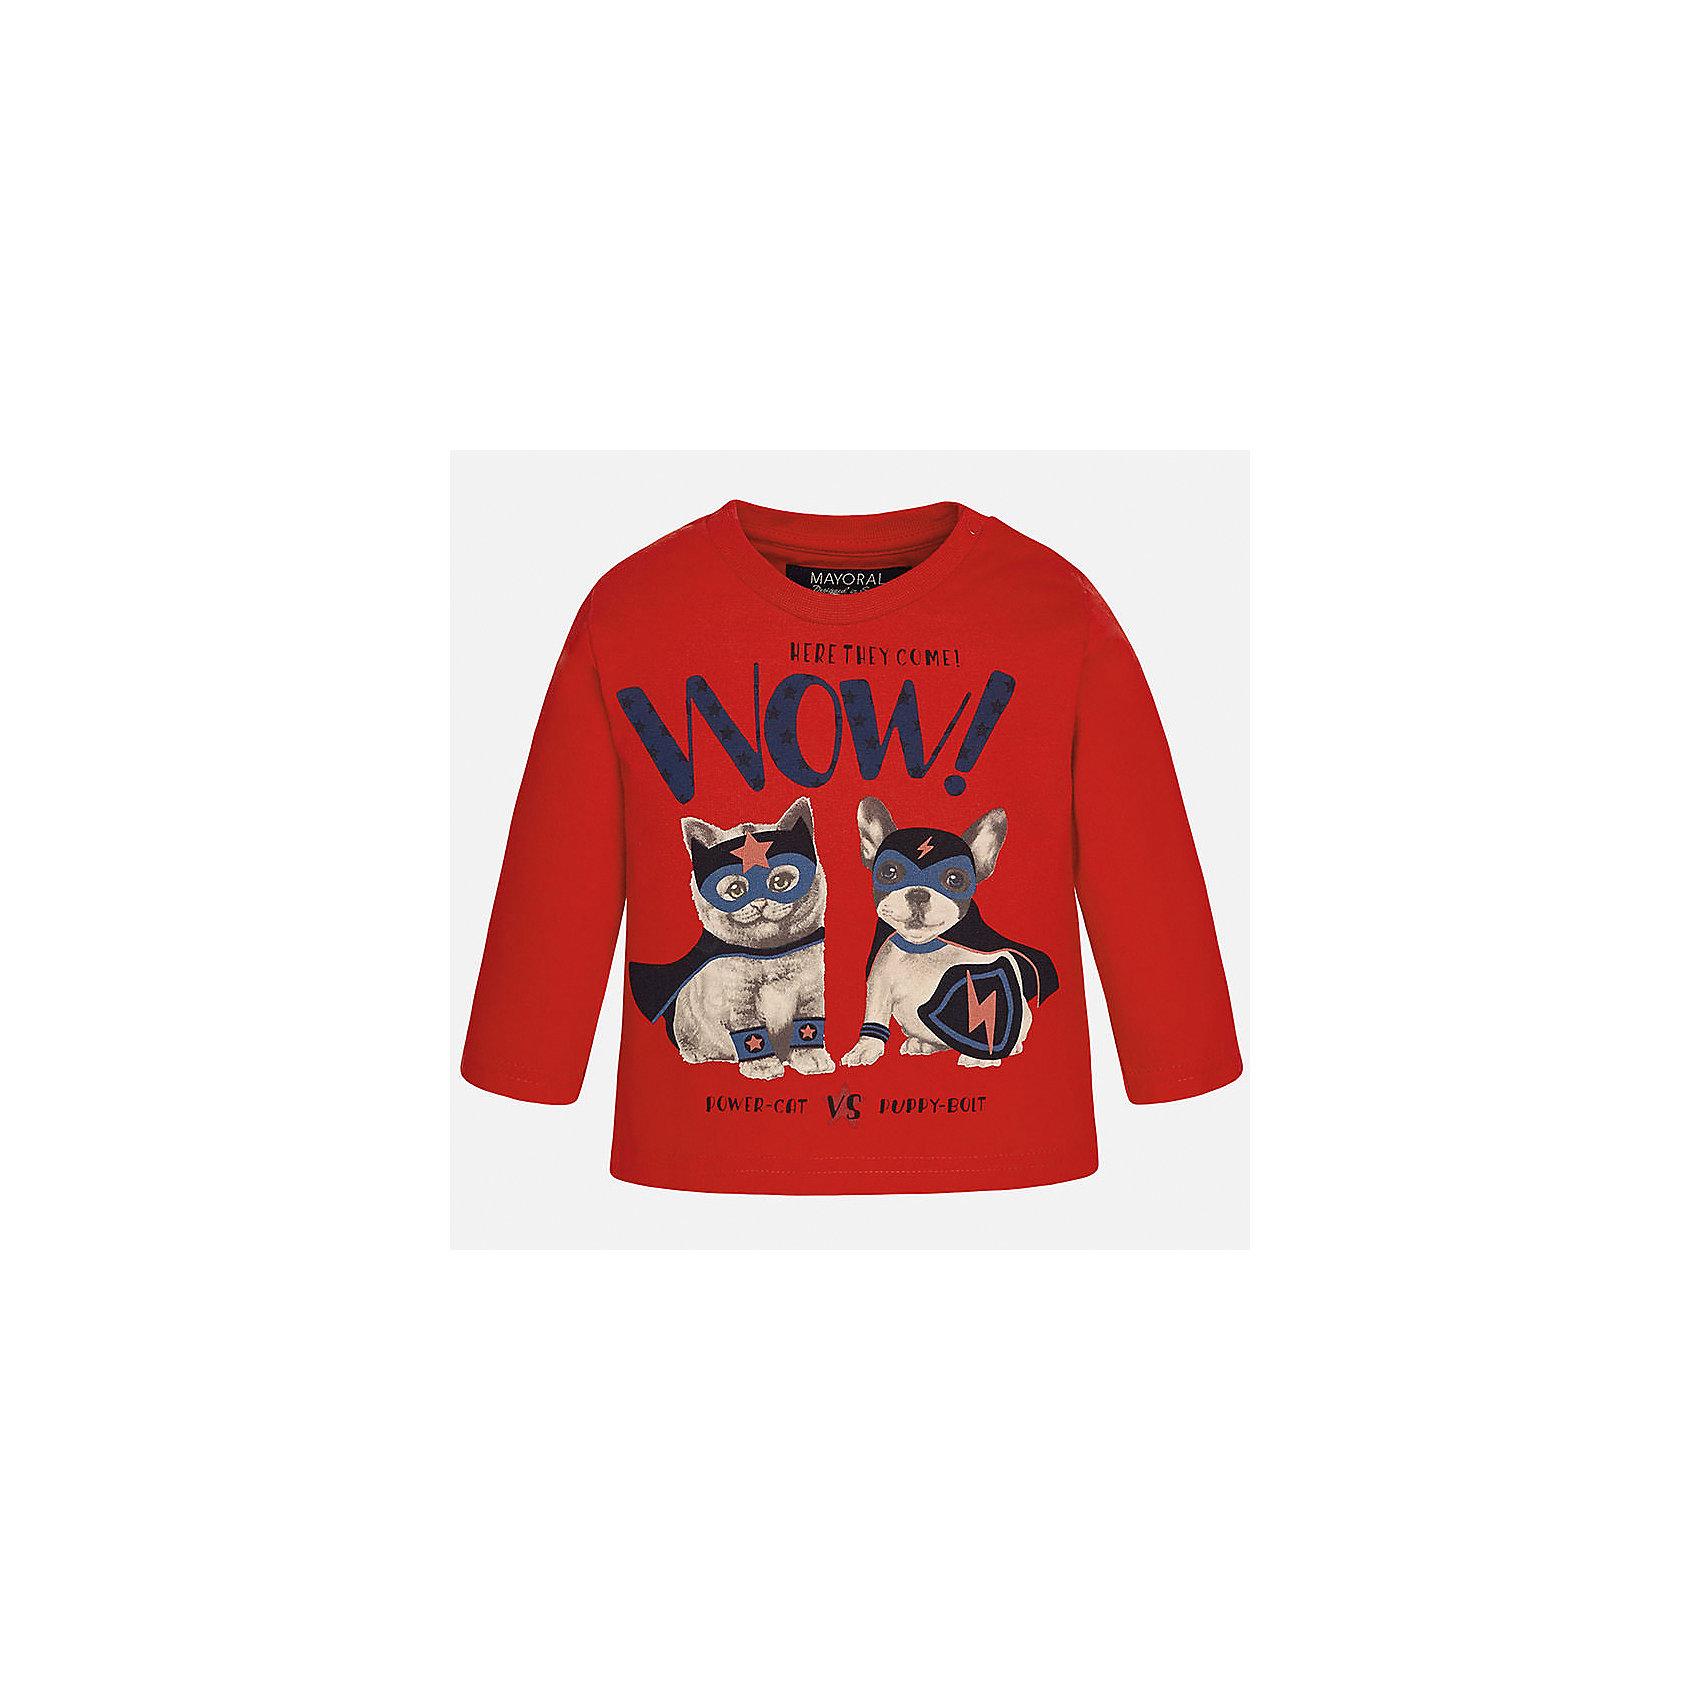 Футболка с длинным рукавом для мальчика MayoralФутболка для мальчика от известного испанского бренда Mayoral. Футболка из 100% хлопка с длинным рукавом и прямым силуэтом; на вороте имеется кнопка-застежка. Спереди принт с забавными животными, благодаря которым ваш ребенок захочет надевать эту футболку снова и снова!<br>Дополнительная информация:<br>-прямой силуэт<br>-длинные рукава<br>-цвет: красный<br>-состав: 100% хлопок<br>Футболку Mayoral можно приобрести в нашем интернет-магазине.<br><br>Ширина мм: 230<br>Глубина мм: 40<br>Высота мм: 220<br>Вес г: 250<br>Цвет: коричневый<br>Возраст от месяцев: 6<br>Возраст до месяцев: 9<br>Пол: Мужской<br>Возраст: Детский<br>Размер: 74,86,92,80<br>SKU: 4820444